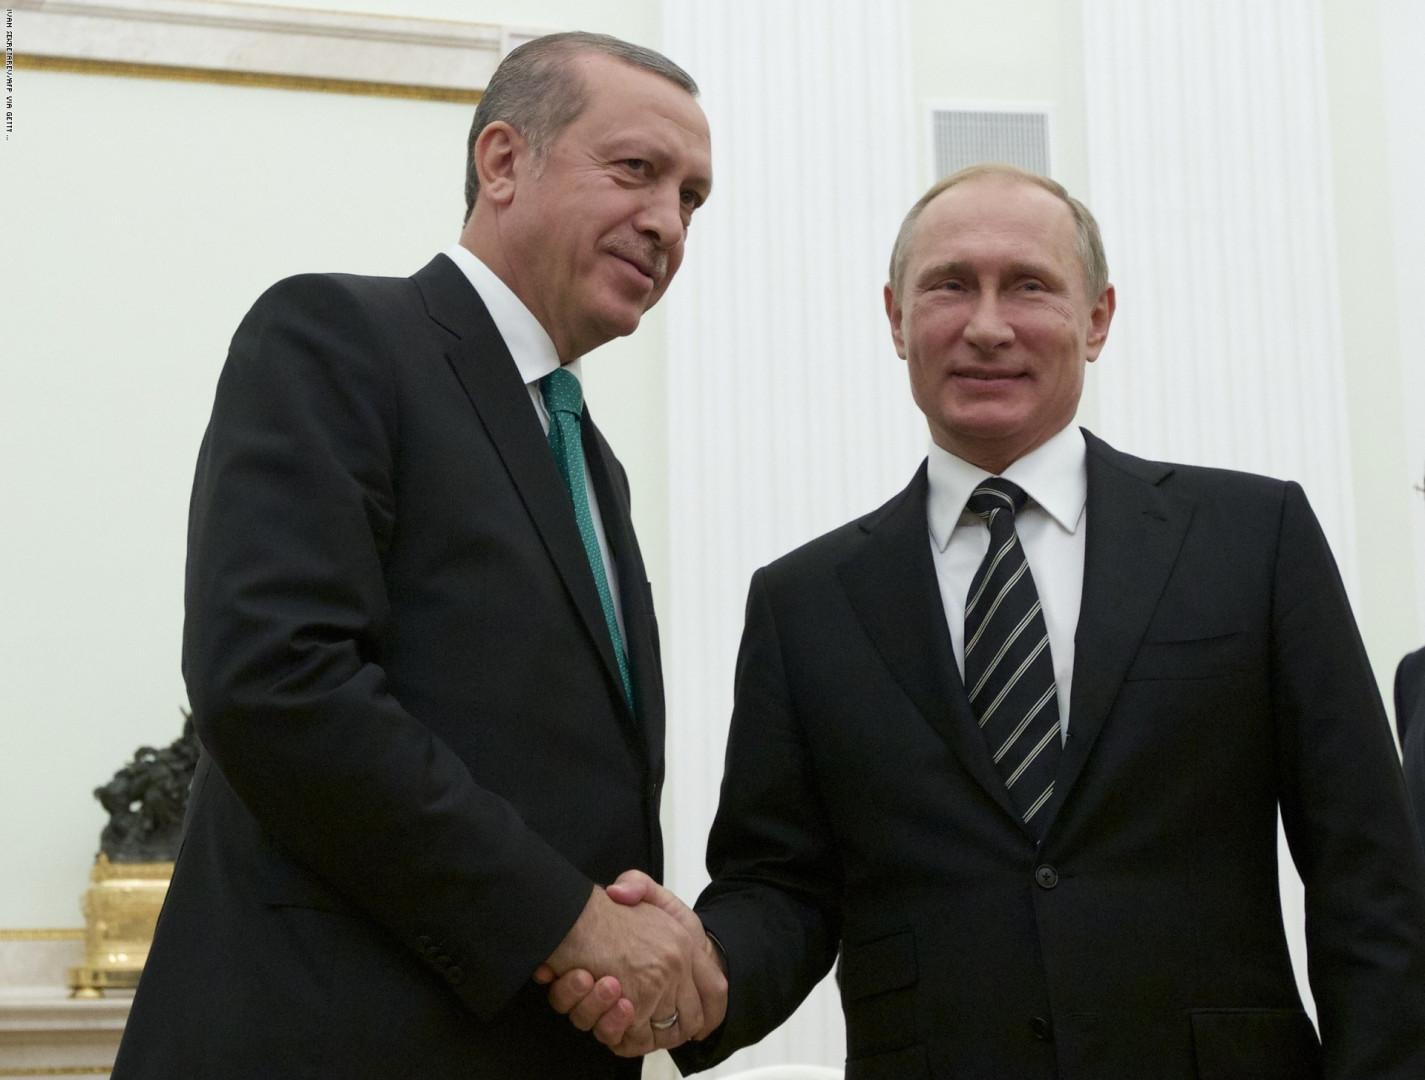 """American Wall Street Journal, """"Recep Tayyip Erdoğan'ın Seçimi"""" başlıklı bir makale yazdı. Açıklamada, yaptırımların """"Türk Savunma Sanayii Müdürlüğü ve üst düzey yöneticiler hedefler aldı. UFK'ların SSB ile anlaşmadan önce iki kez düşünmesi gerekecek"""" başlıklı makaleyi gözden geçirdiği belirtildi. Rusya'dan S-400'e yaptırım uygulama kararı nedeniyle Türkiye, ABD tarafından teslim alındıktan sonra alınmış ve WSJ yayın kurulu imzasını taşıyan makaleler yayımlanmıştır. Ekonomideki değişikliklere atıfta bulunarak, """"Türkiye ekonomisi geçtiğimiz ay Erdoğan hükümeti yönetiminde ekonomik ekibi değiştirmeye zorlandı. Ancak ülkedeki refah düzeyine ulaşmanın yolu Batı ile ve özellikle Avrupa Birliği ile yakın entegrasyondan geçiyor."""" Bu tamamen Erdoğan'a kalmış. Ankara'nın NATO müttefikleri ile ilişkilerini güçlendirmek ya da Rusya gibi bir ülke ile ilişkilerini arttırmak ekonomik açıdan hiçbir kazanç sağlamaz. """""""